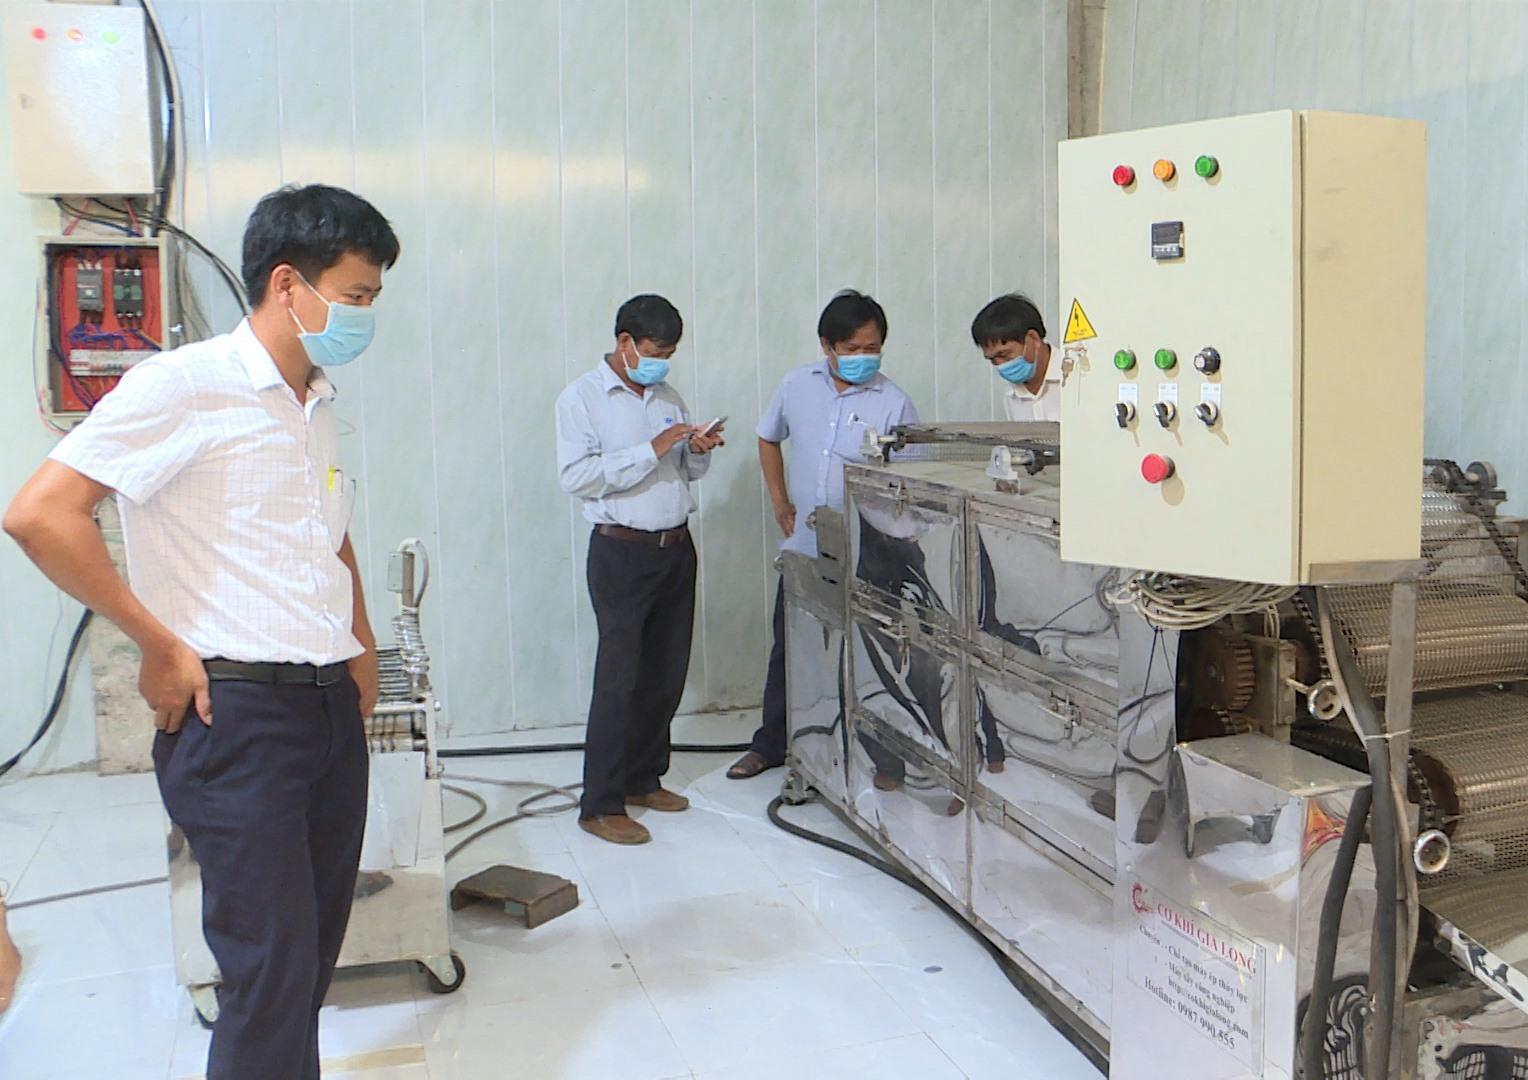 Tham quan cơ sở chế biến mực tẩm ướp gia vị từ nguyên liệu mực xà khô. Ảnh: VĂN PHIN